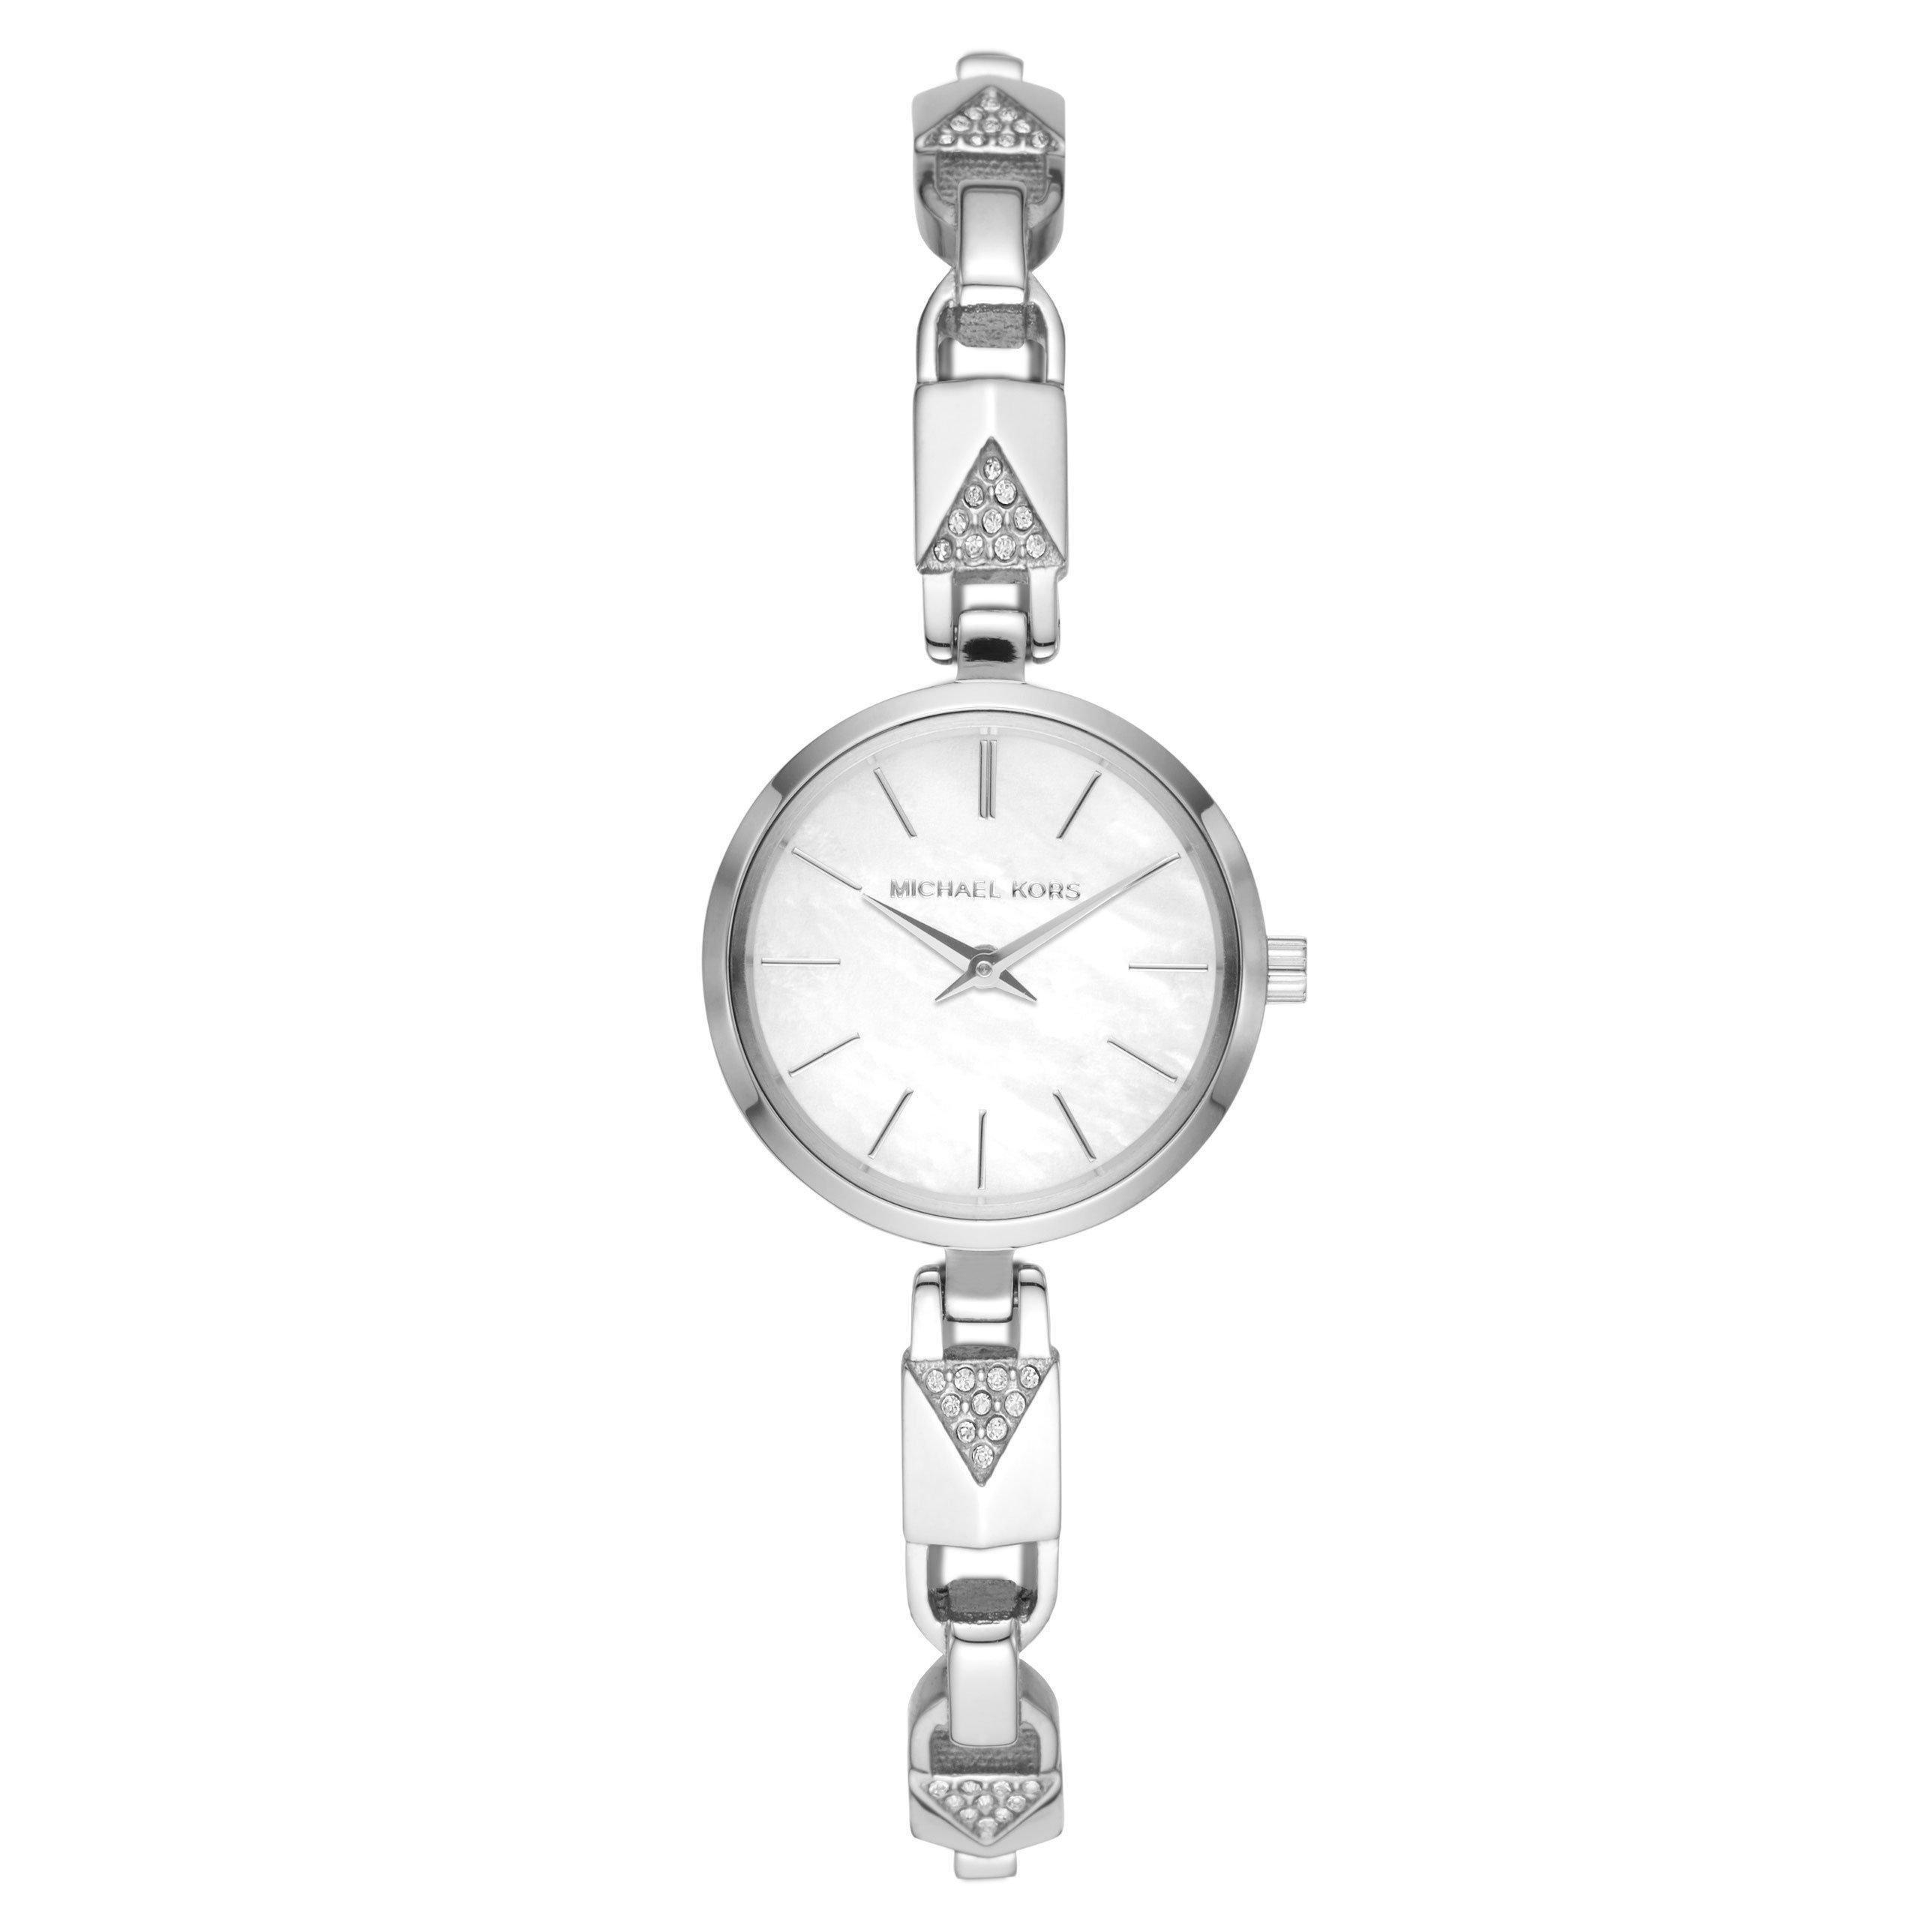 Michael Kors Jayrn Mercer Ladies Watch